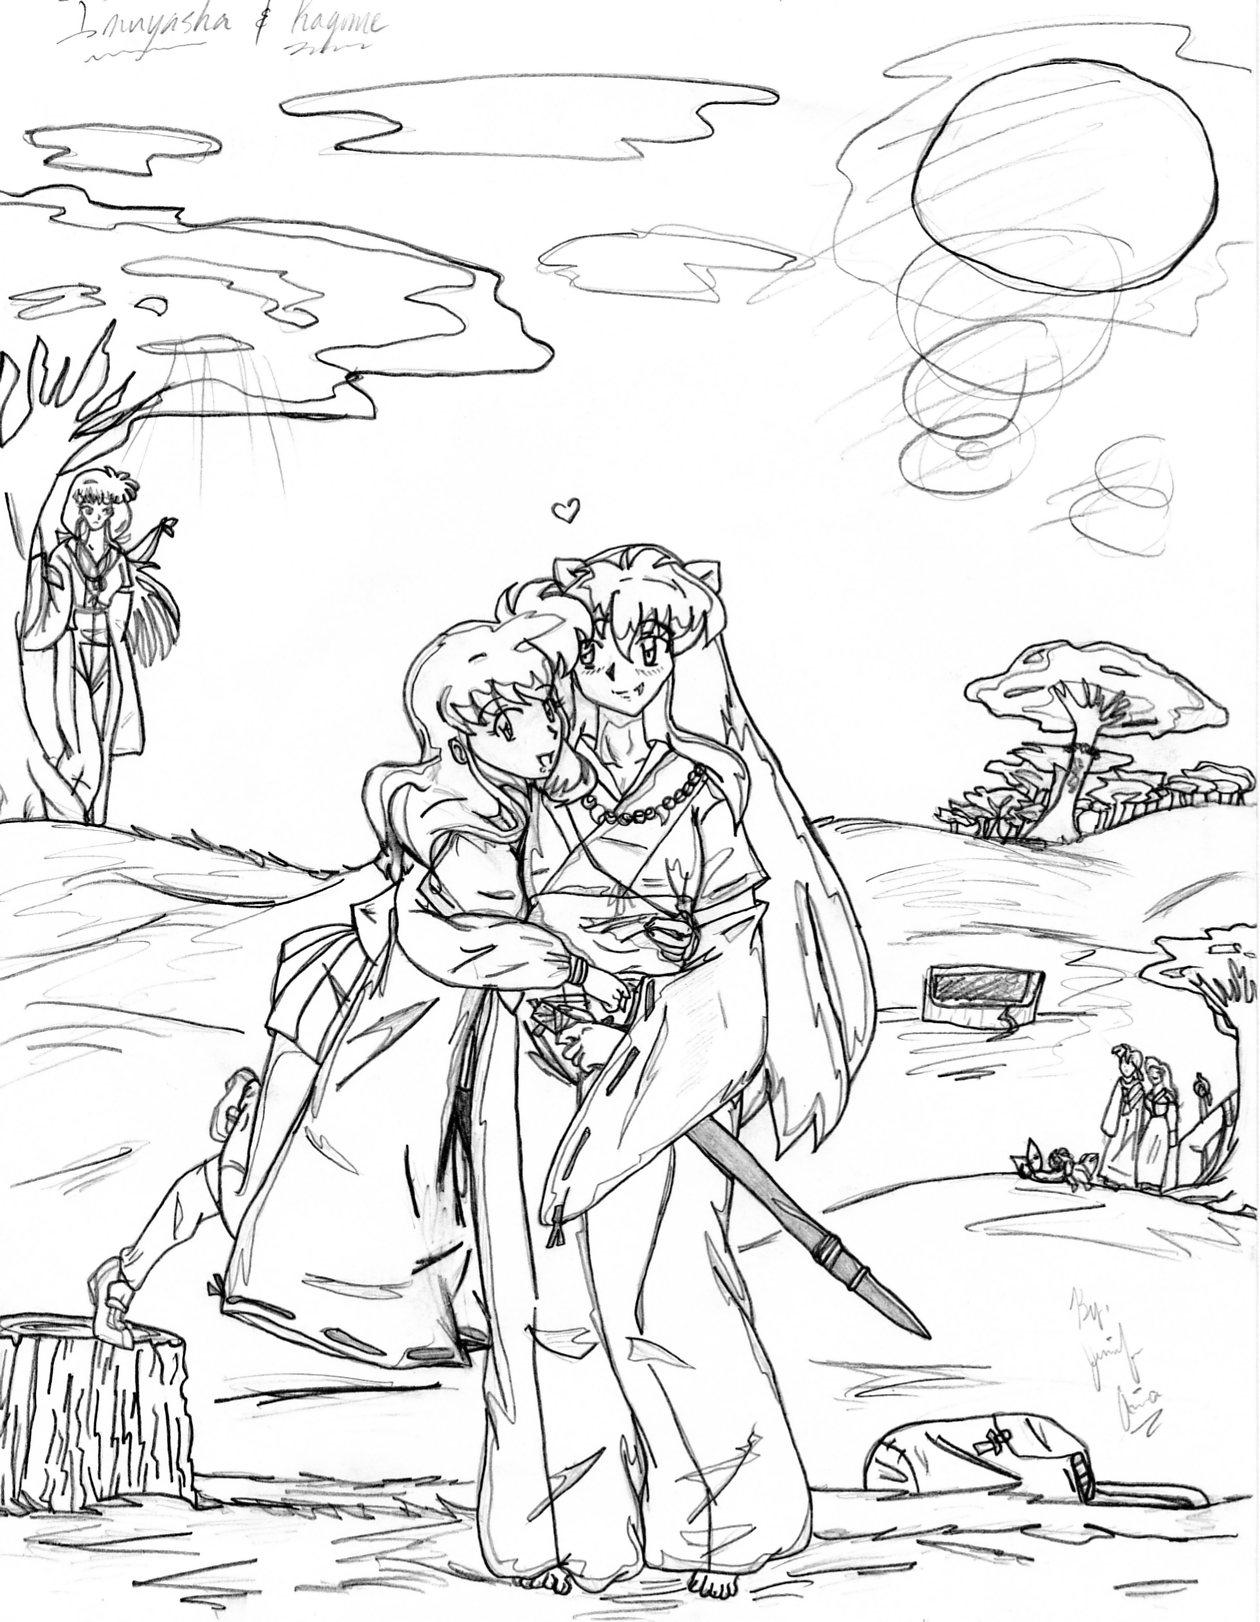 Kagome and inu LUV HUG!